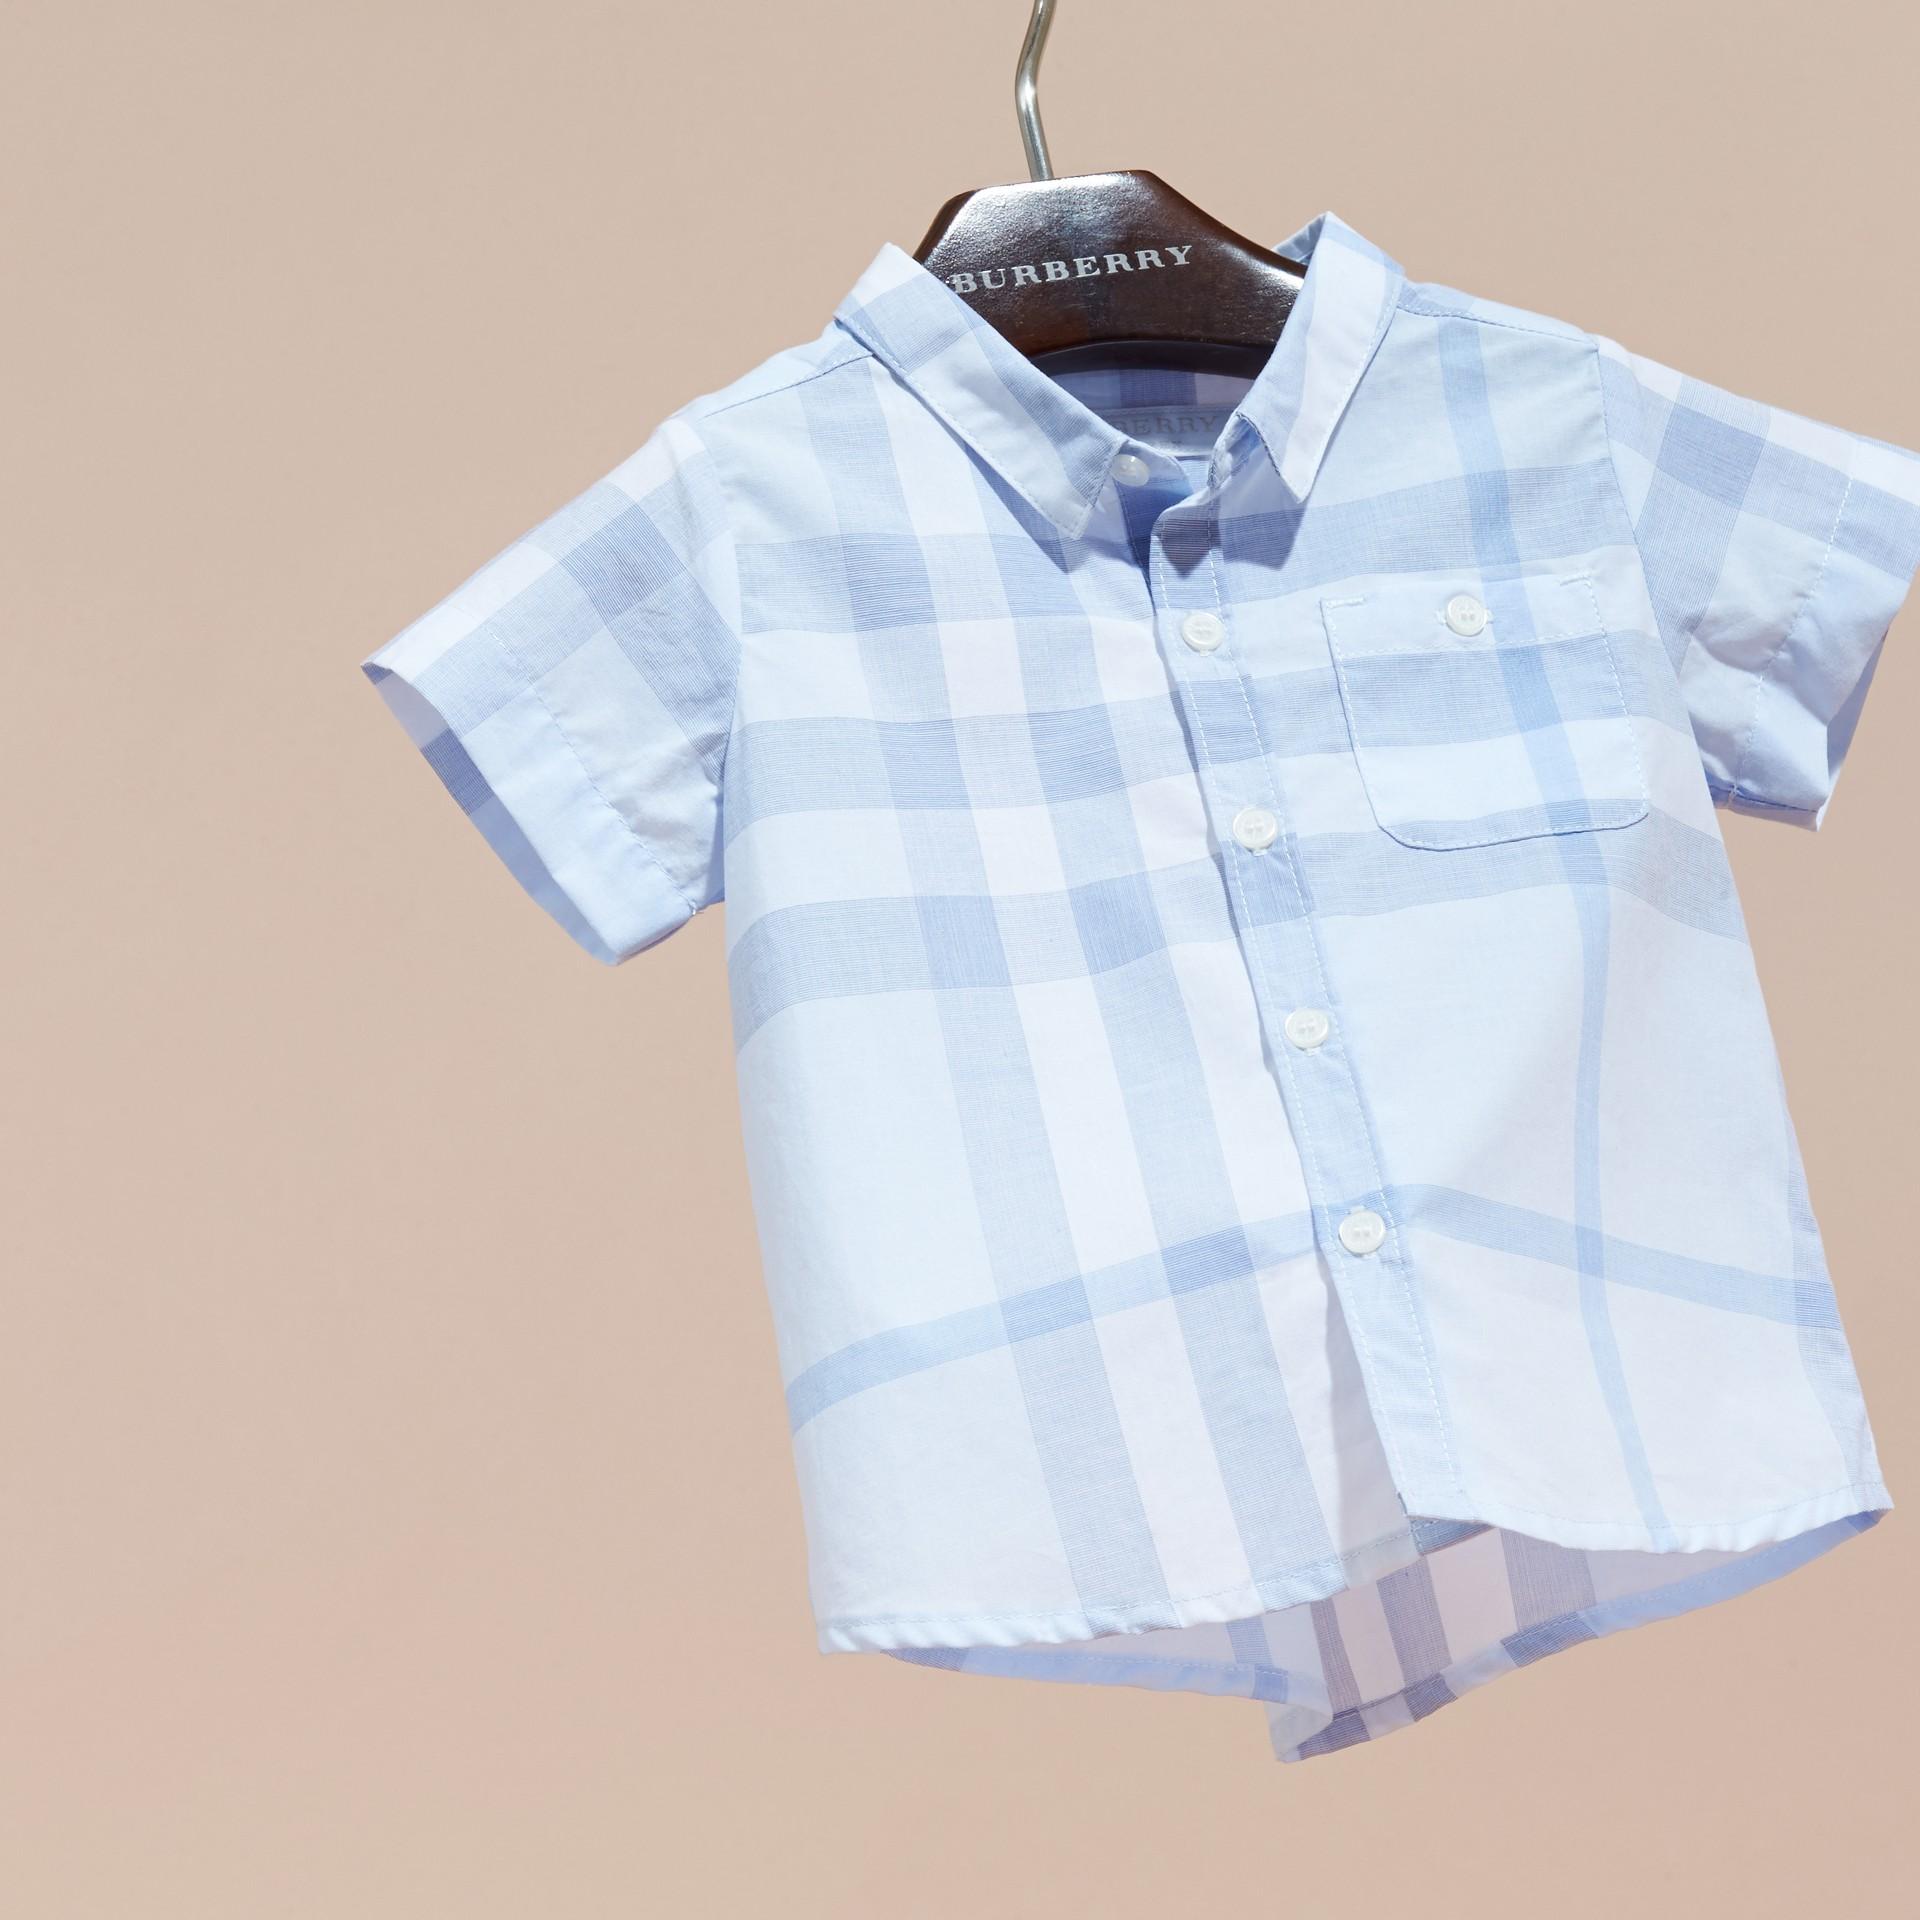 Bleu glacé Chemise en coton à manches courtes avec motif check - photo de la galerie 3